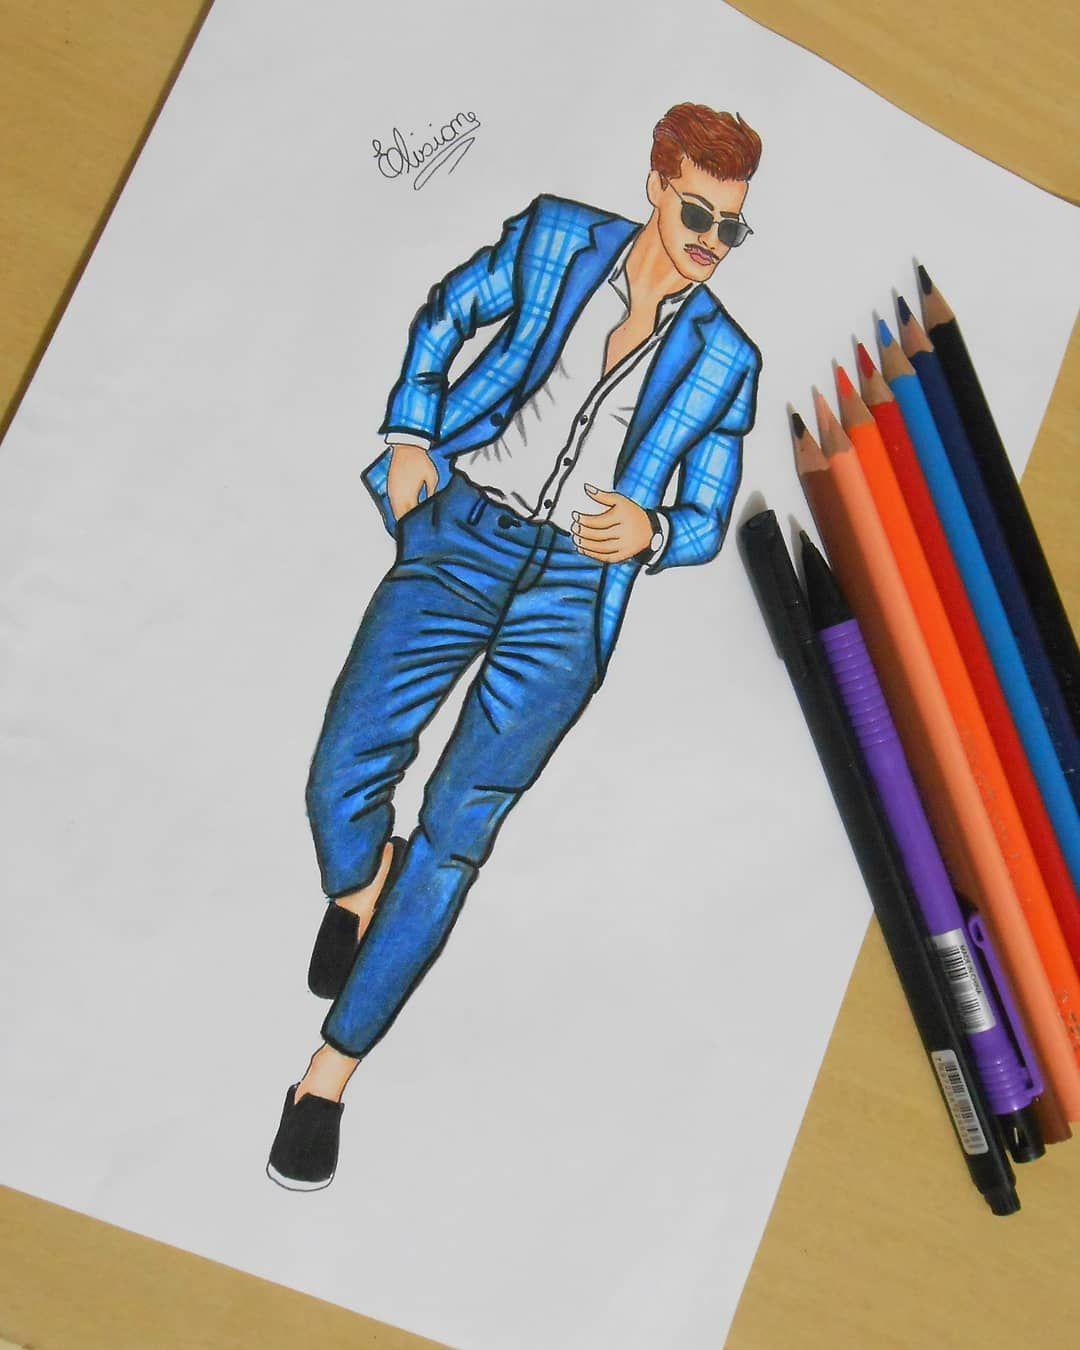 Enfim Meu Primeiro Look Masculino Finalizado Sempredesenhando Croquidemoda Desenhodemoda Fashion4arts Look Masculinos Ilustracao De Moda Look